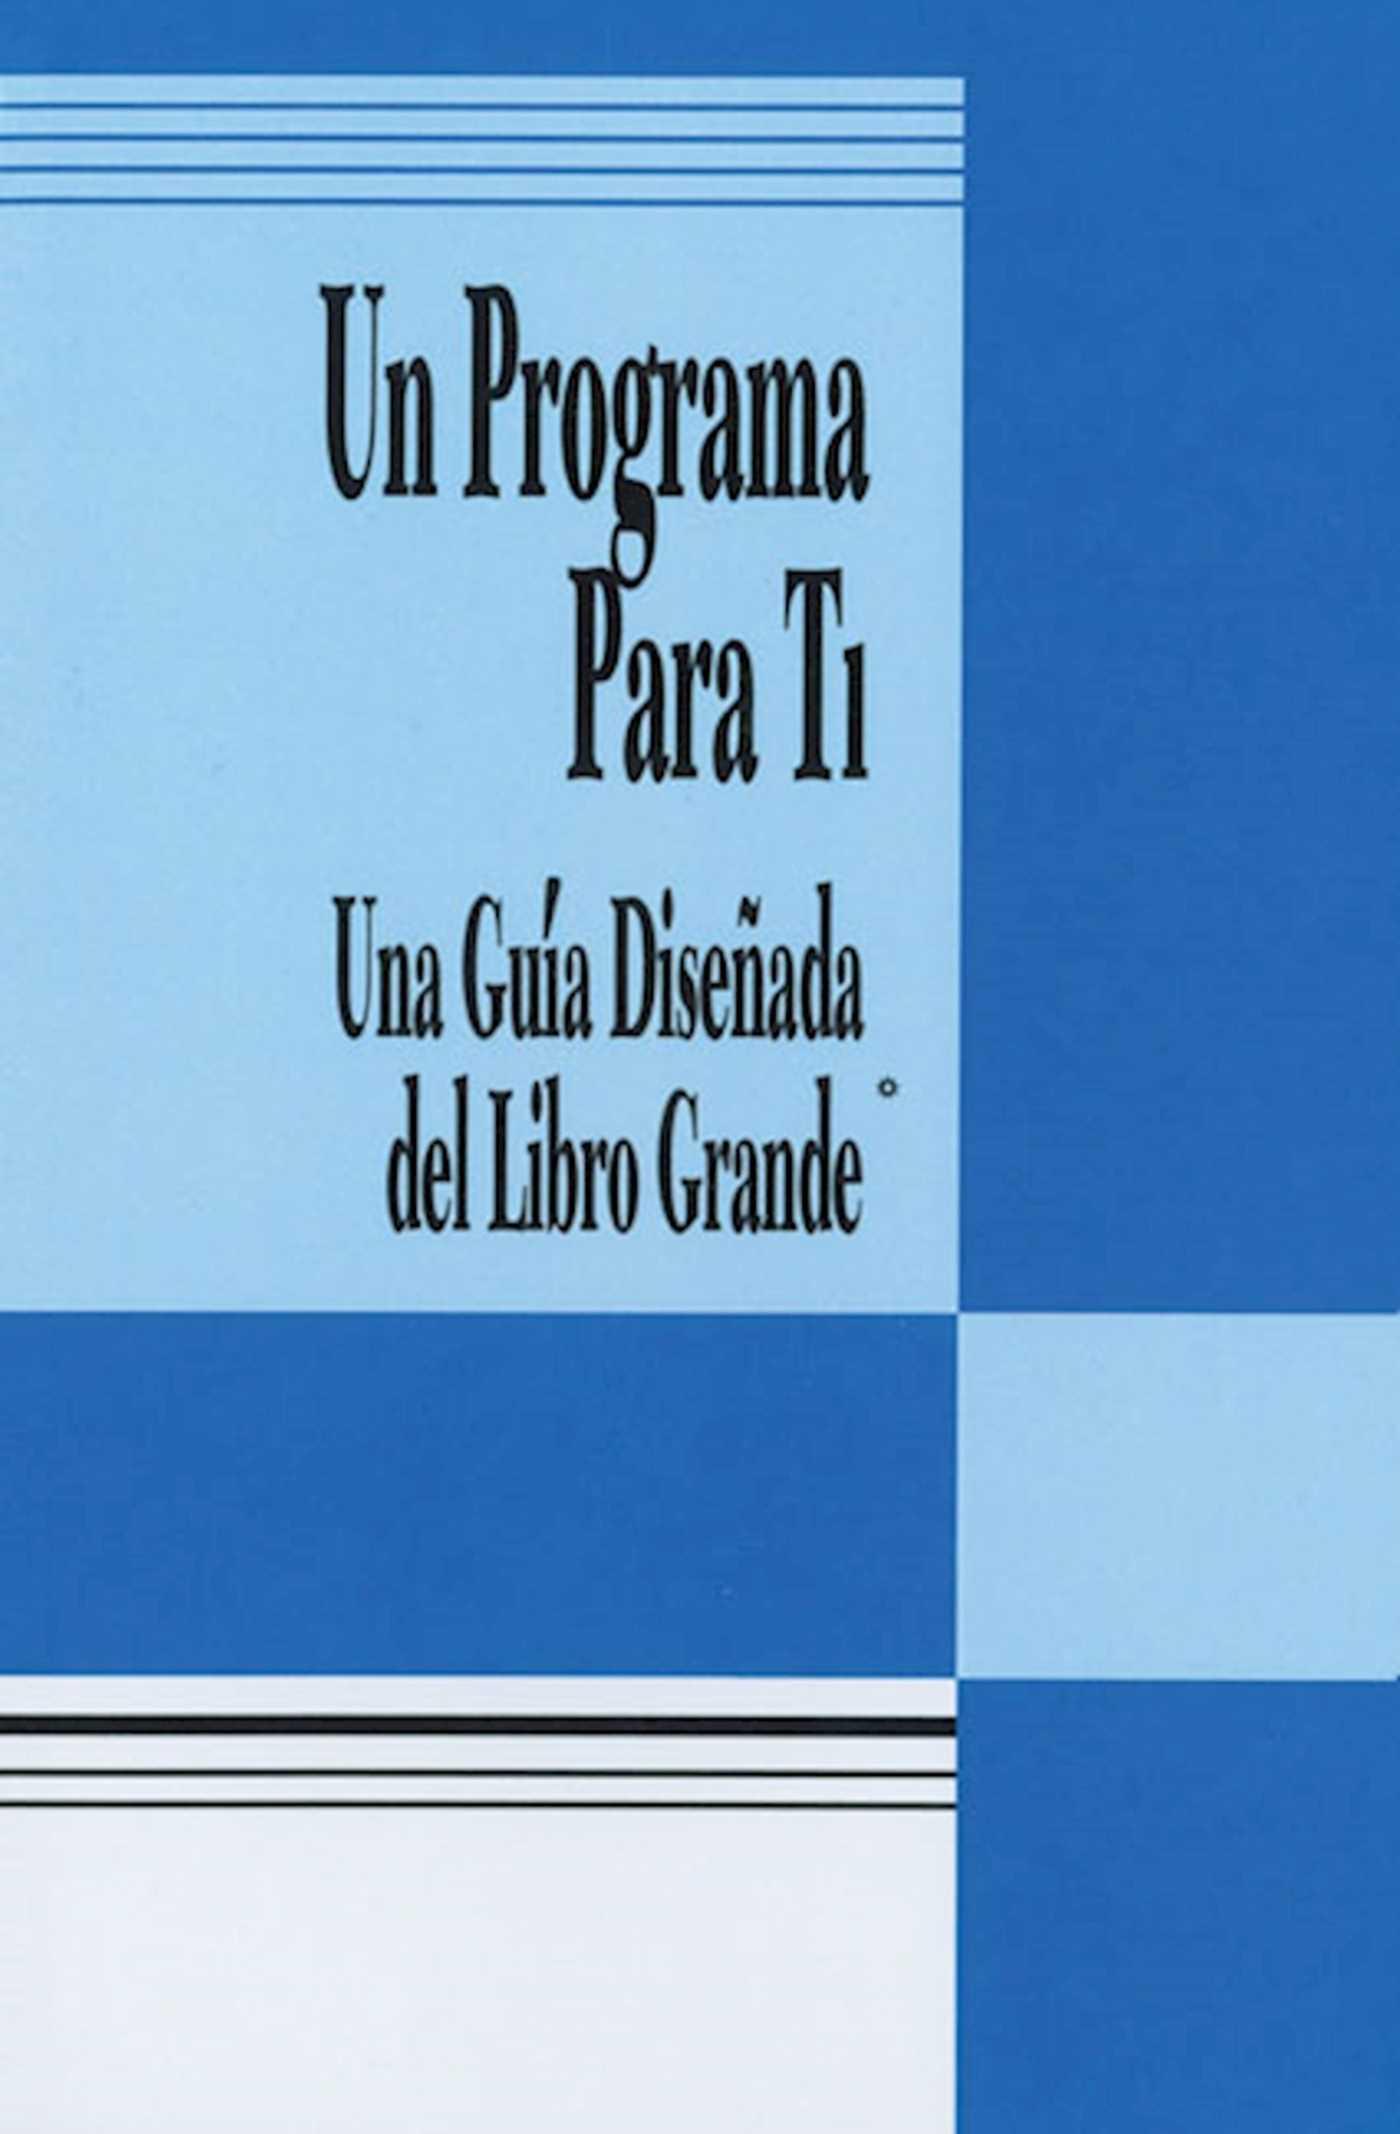 Un programa para ti a program for you book 9780894868740 hr